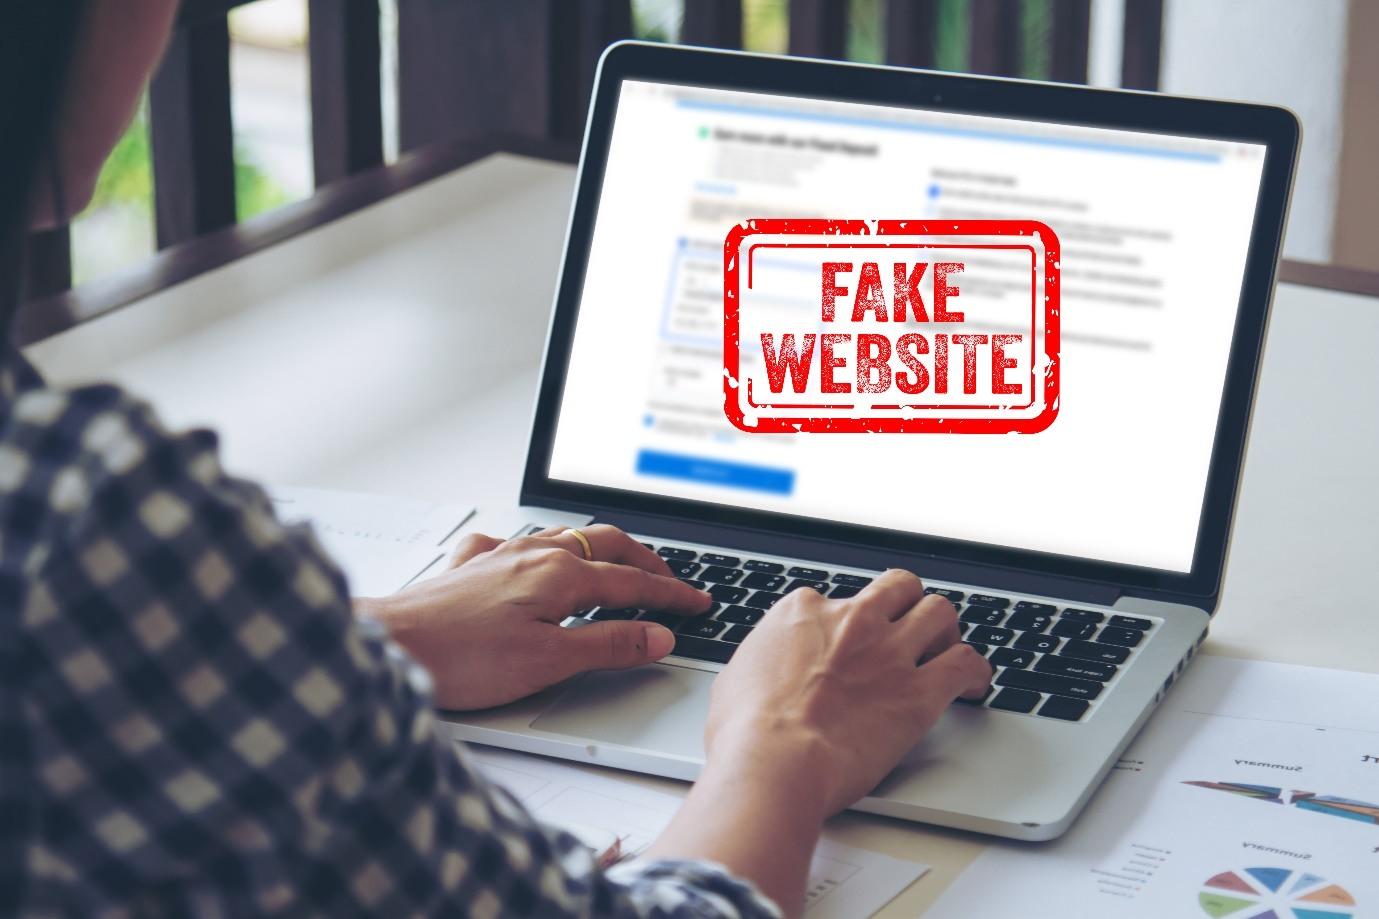 Nhiều website giả mạo, lừa đảo người dùng